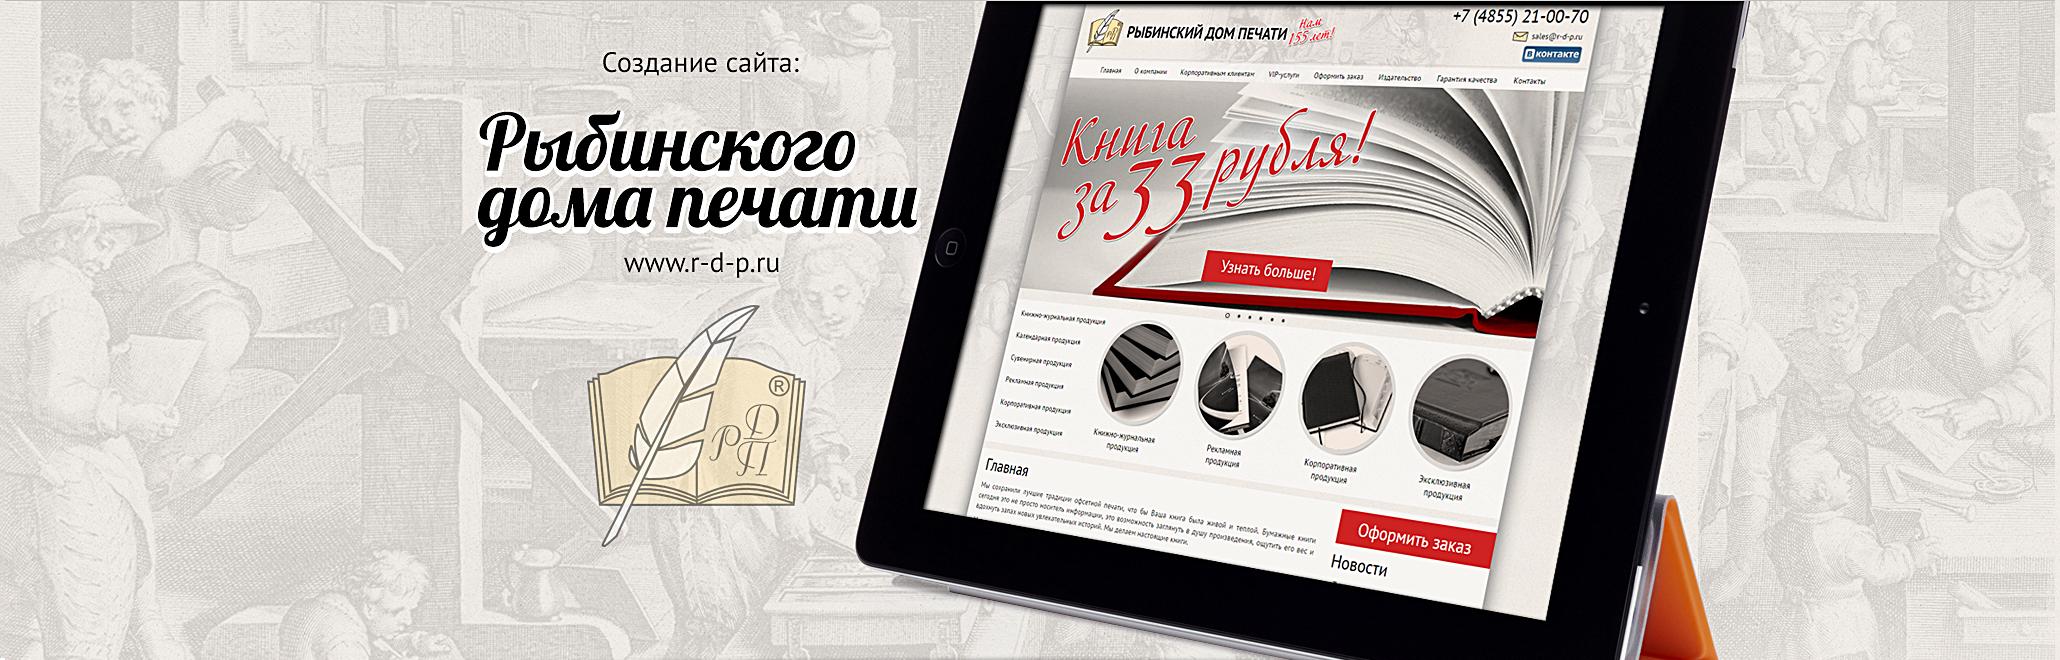 Создание и поддержка сайта Рыбинского Дома печати